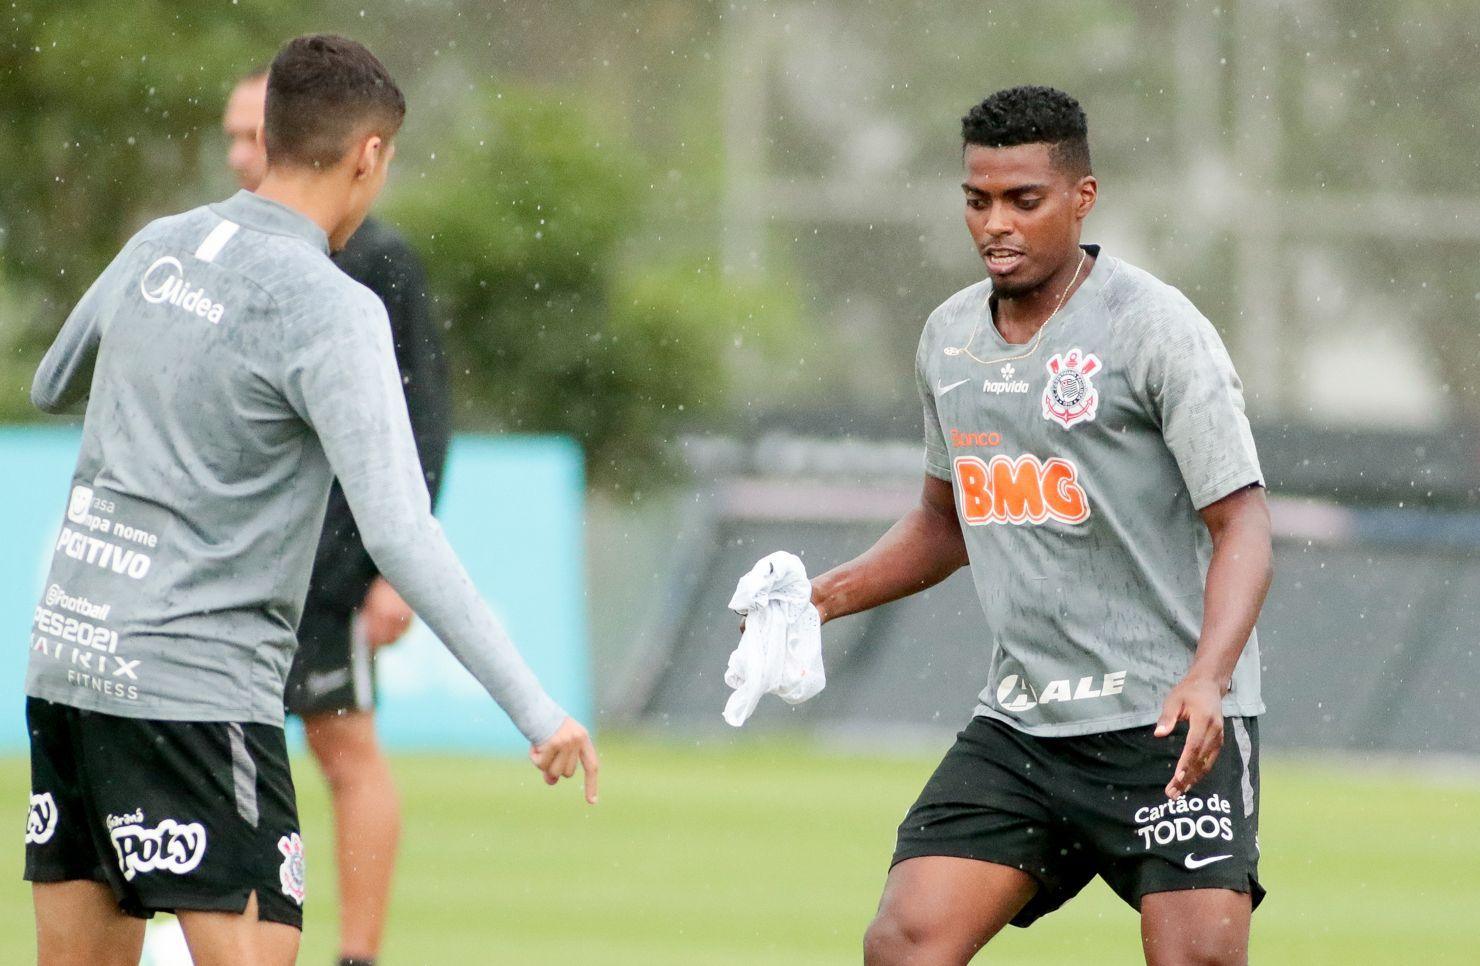 Jemerson se recuperou se lesão no joelho e volta ao time do Corinthians. Foto: Rodrigo Coca/Ag Corinthians